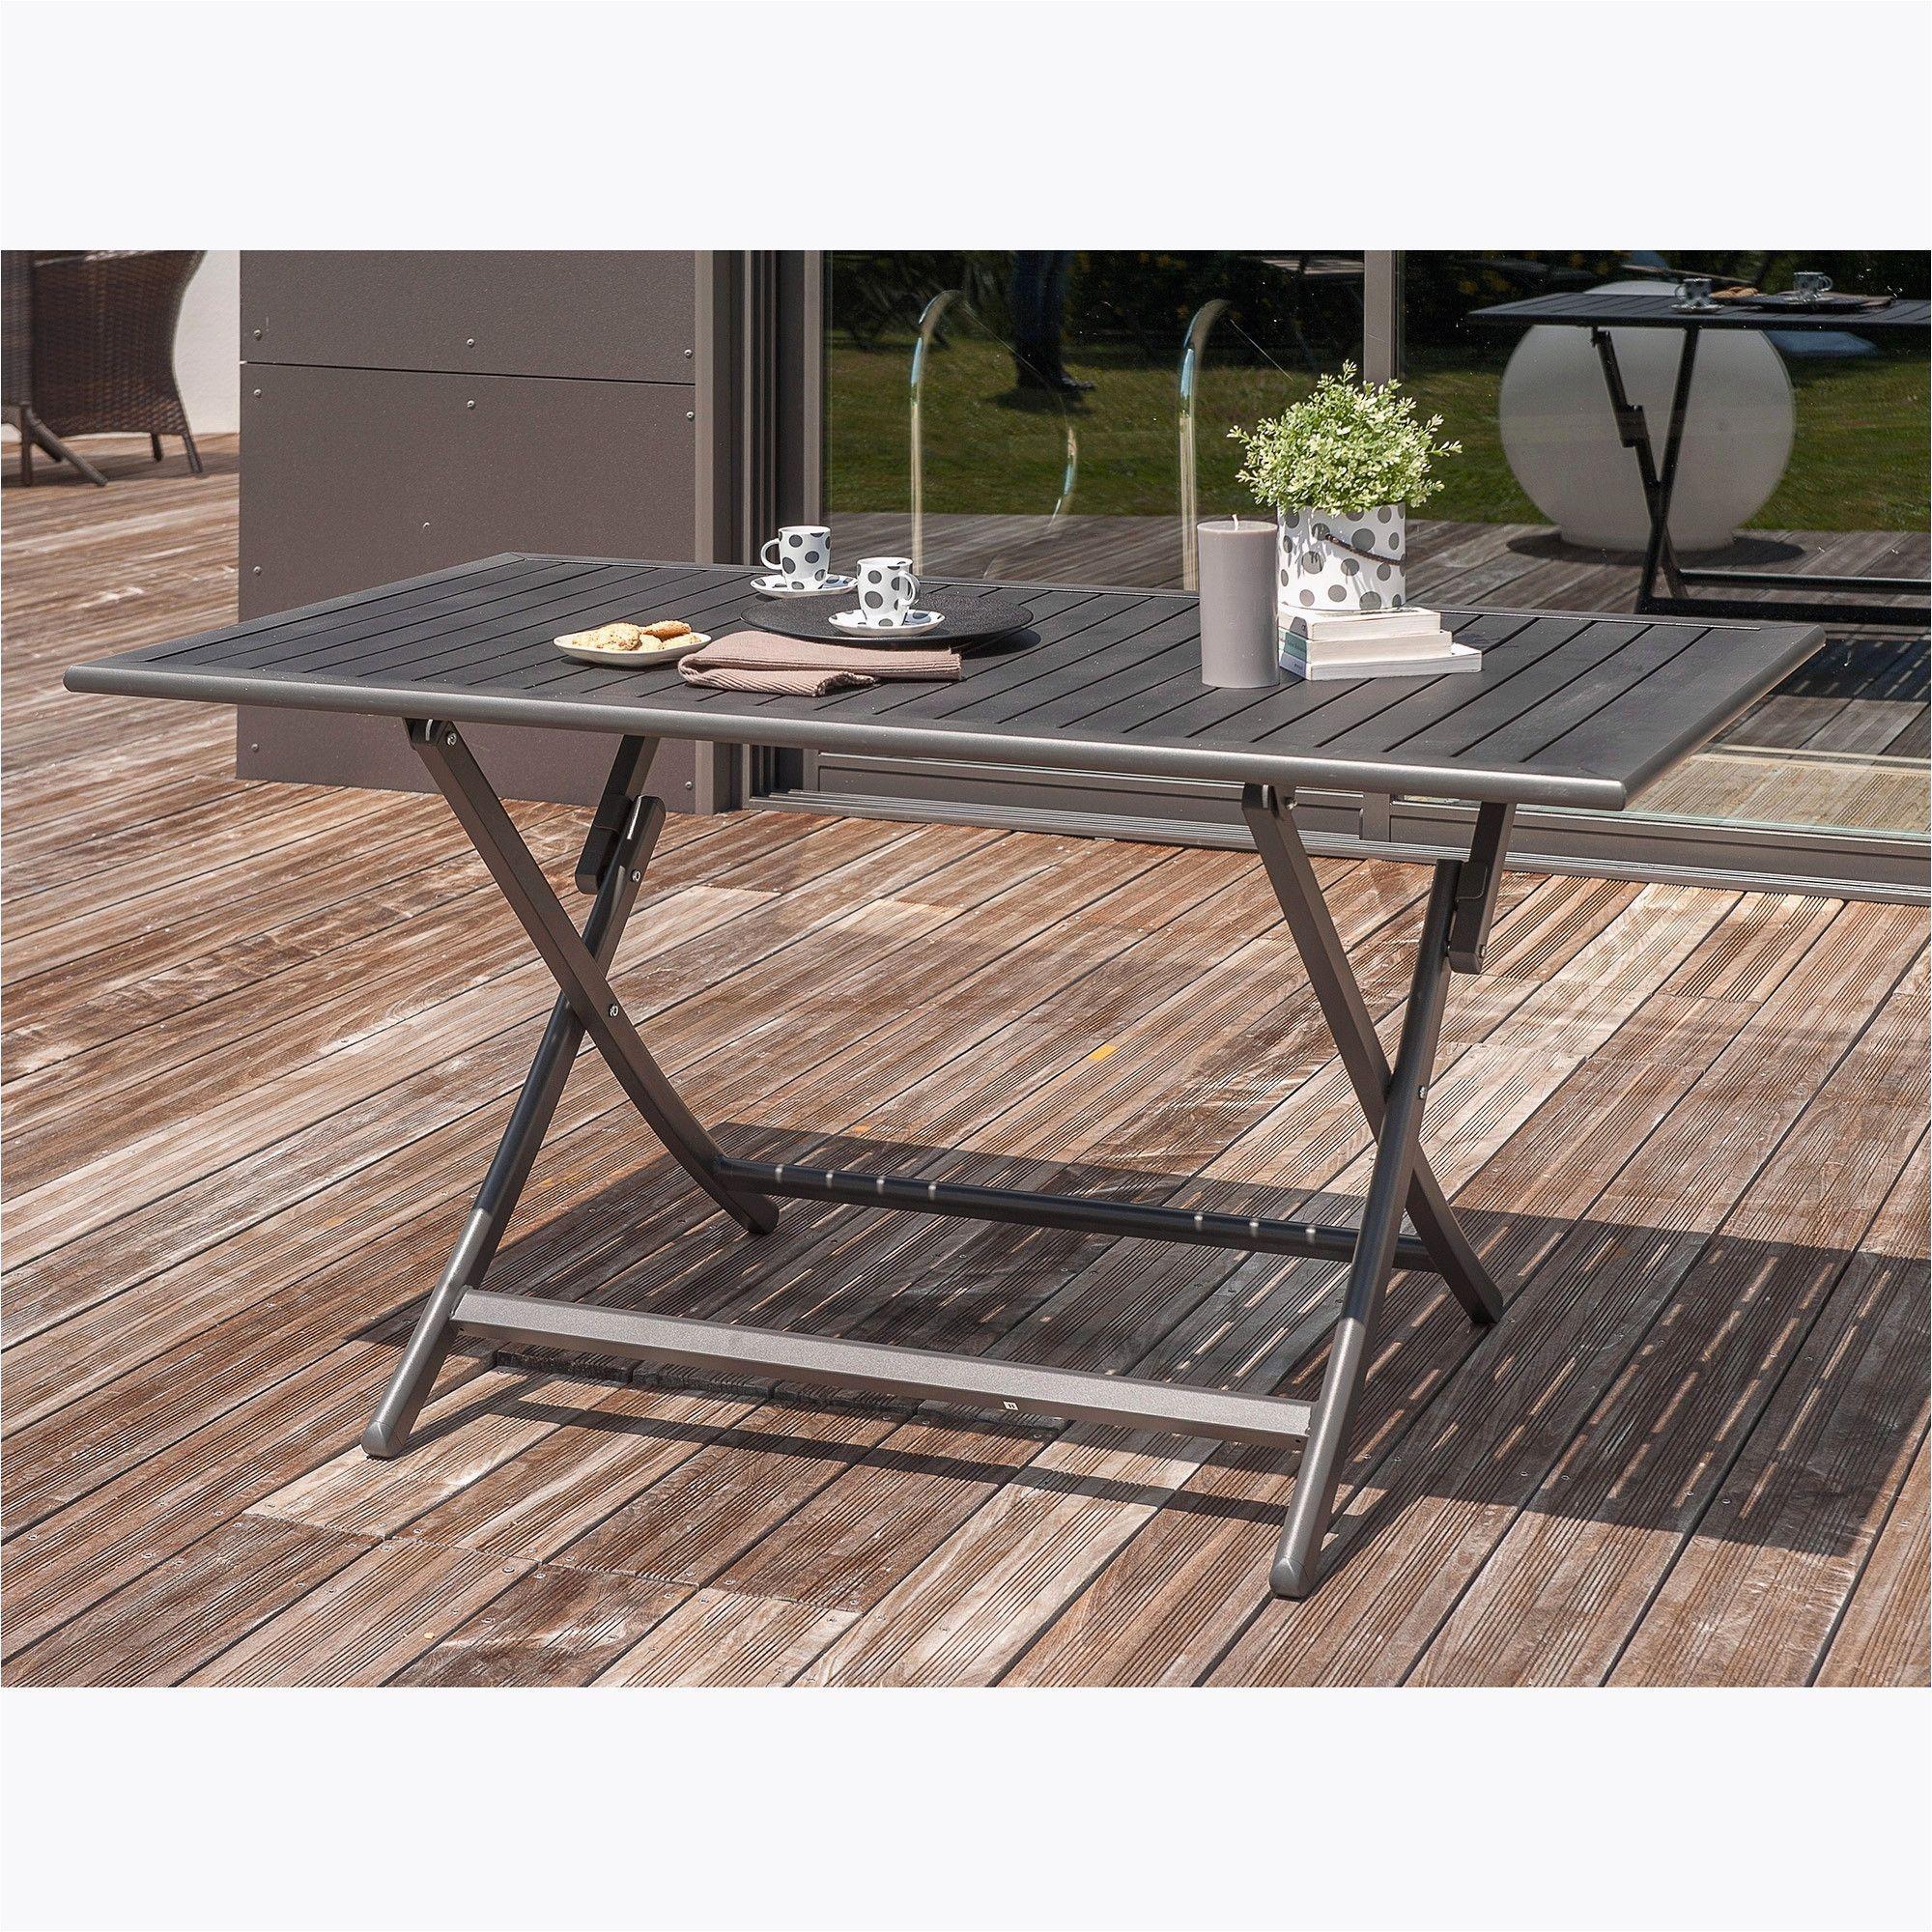 Table Banc Exterieur Luxe Table Pliante Leclerc Beau S Leclerc Table De Jardin Of 27 Luxe Table Banc Exterieur